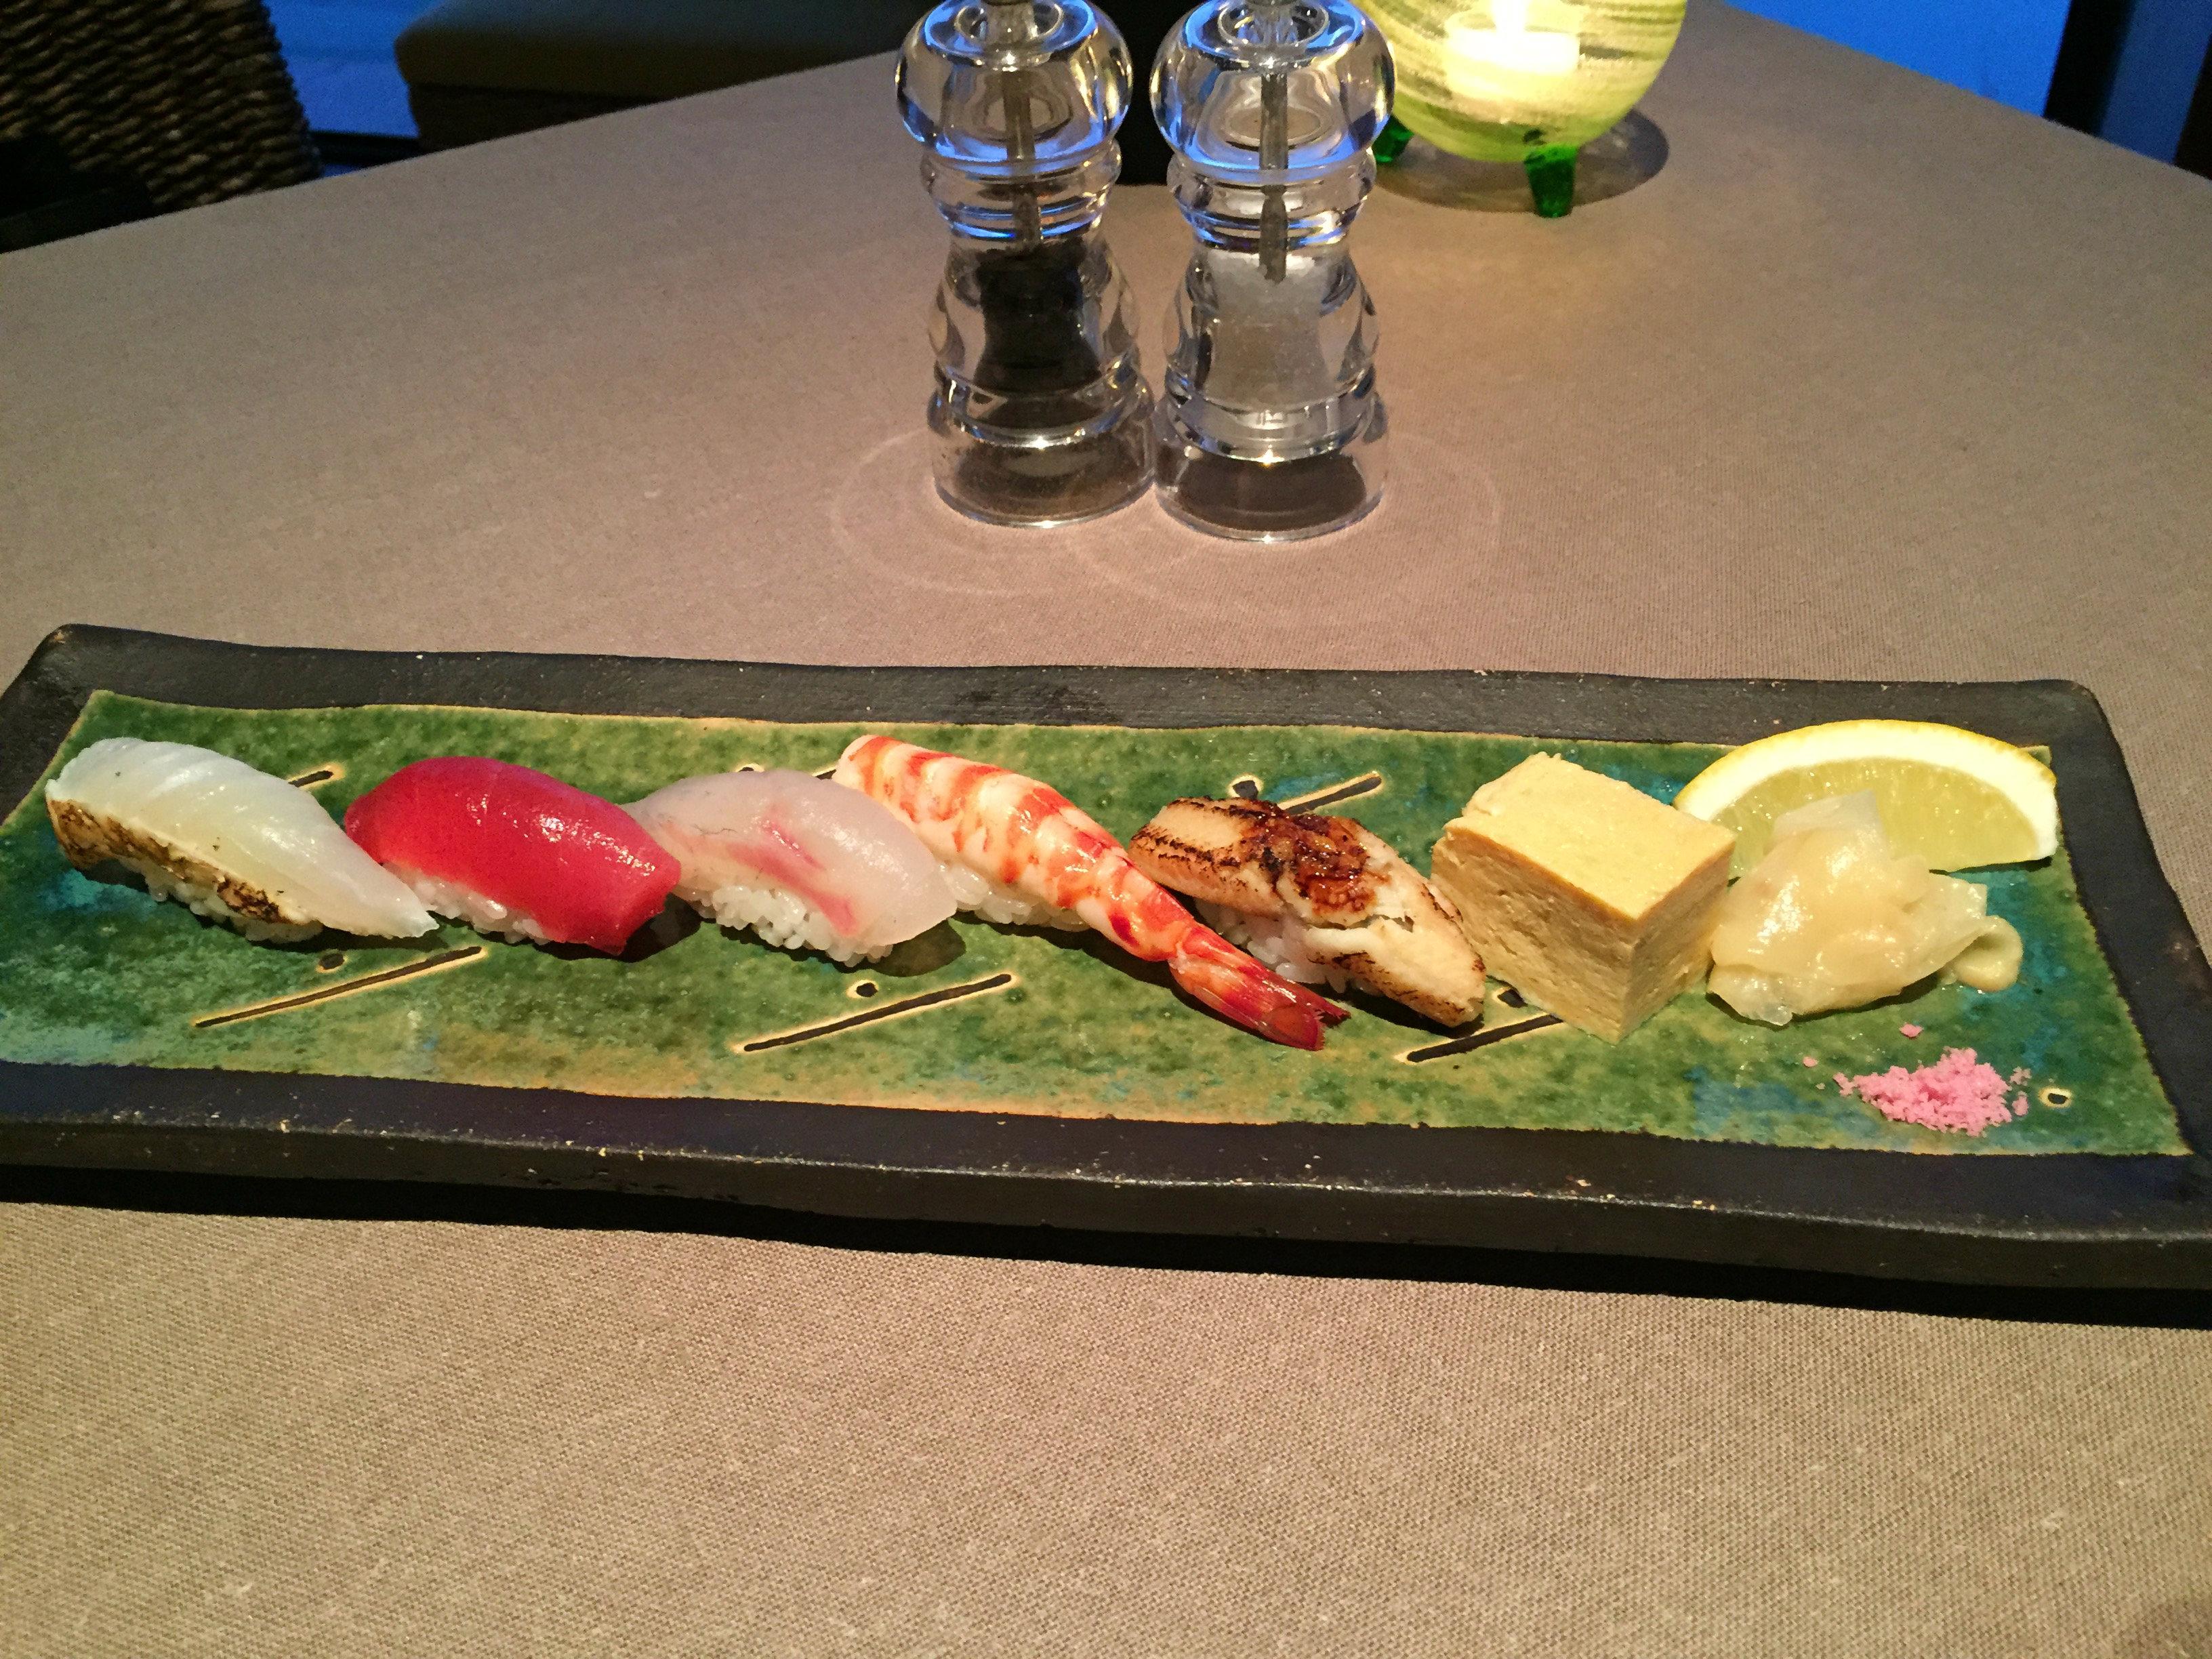 ritz-carlton okinawa food